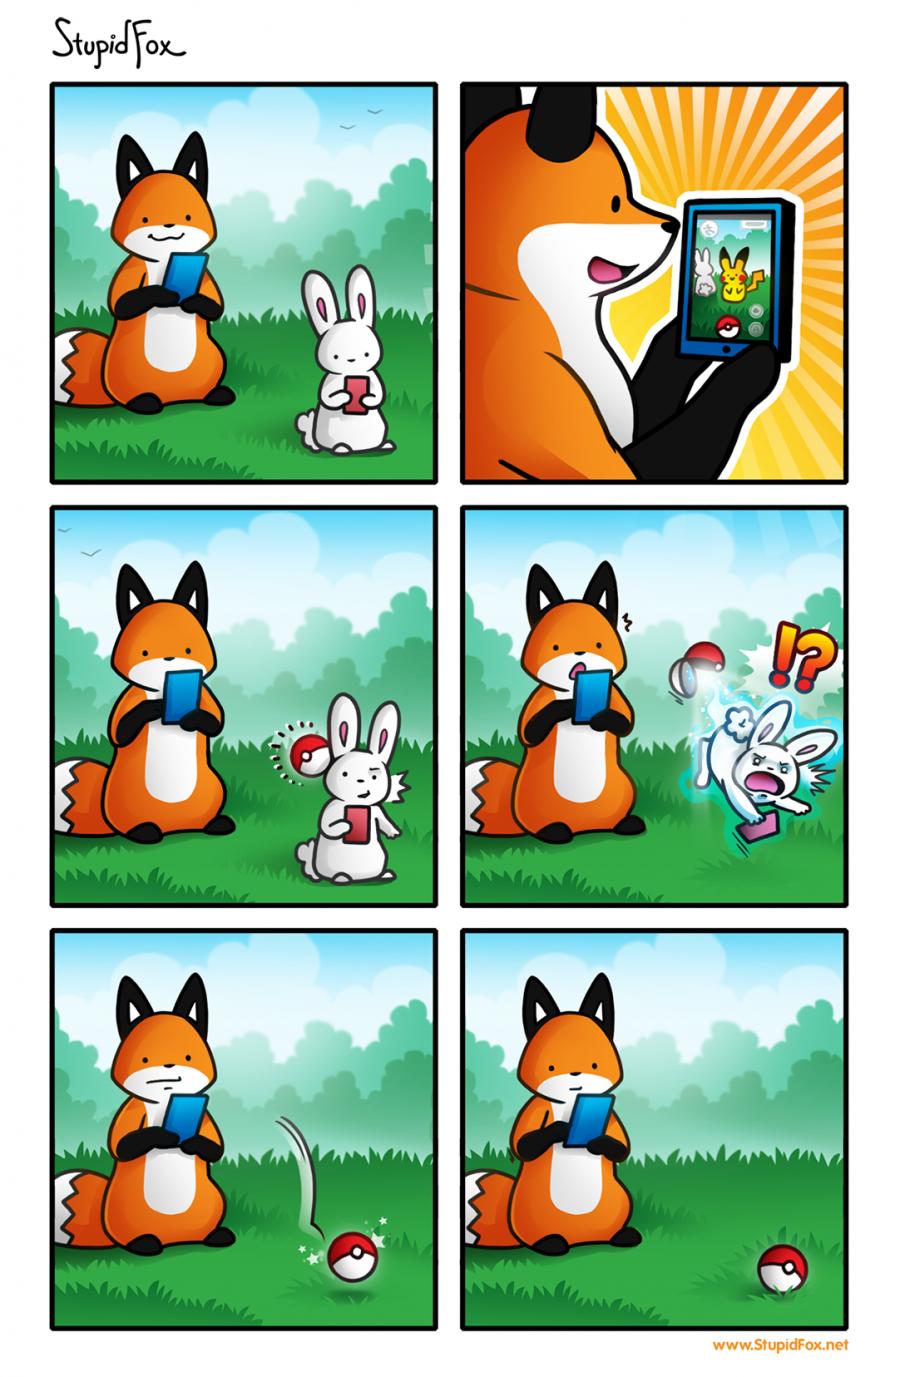 StupidFox No stupidfox.net